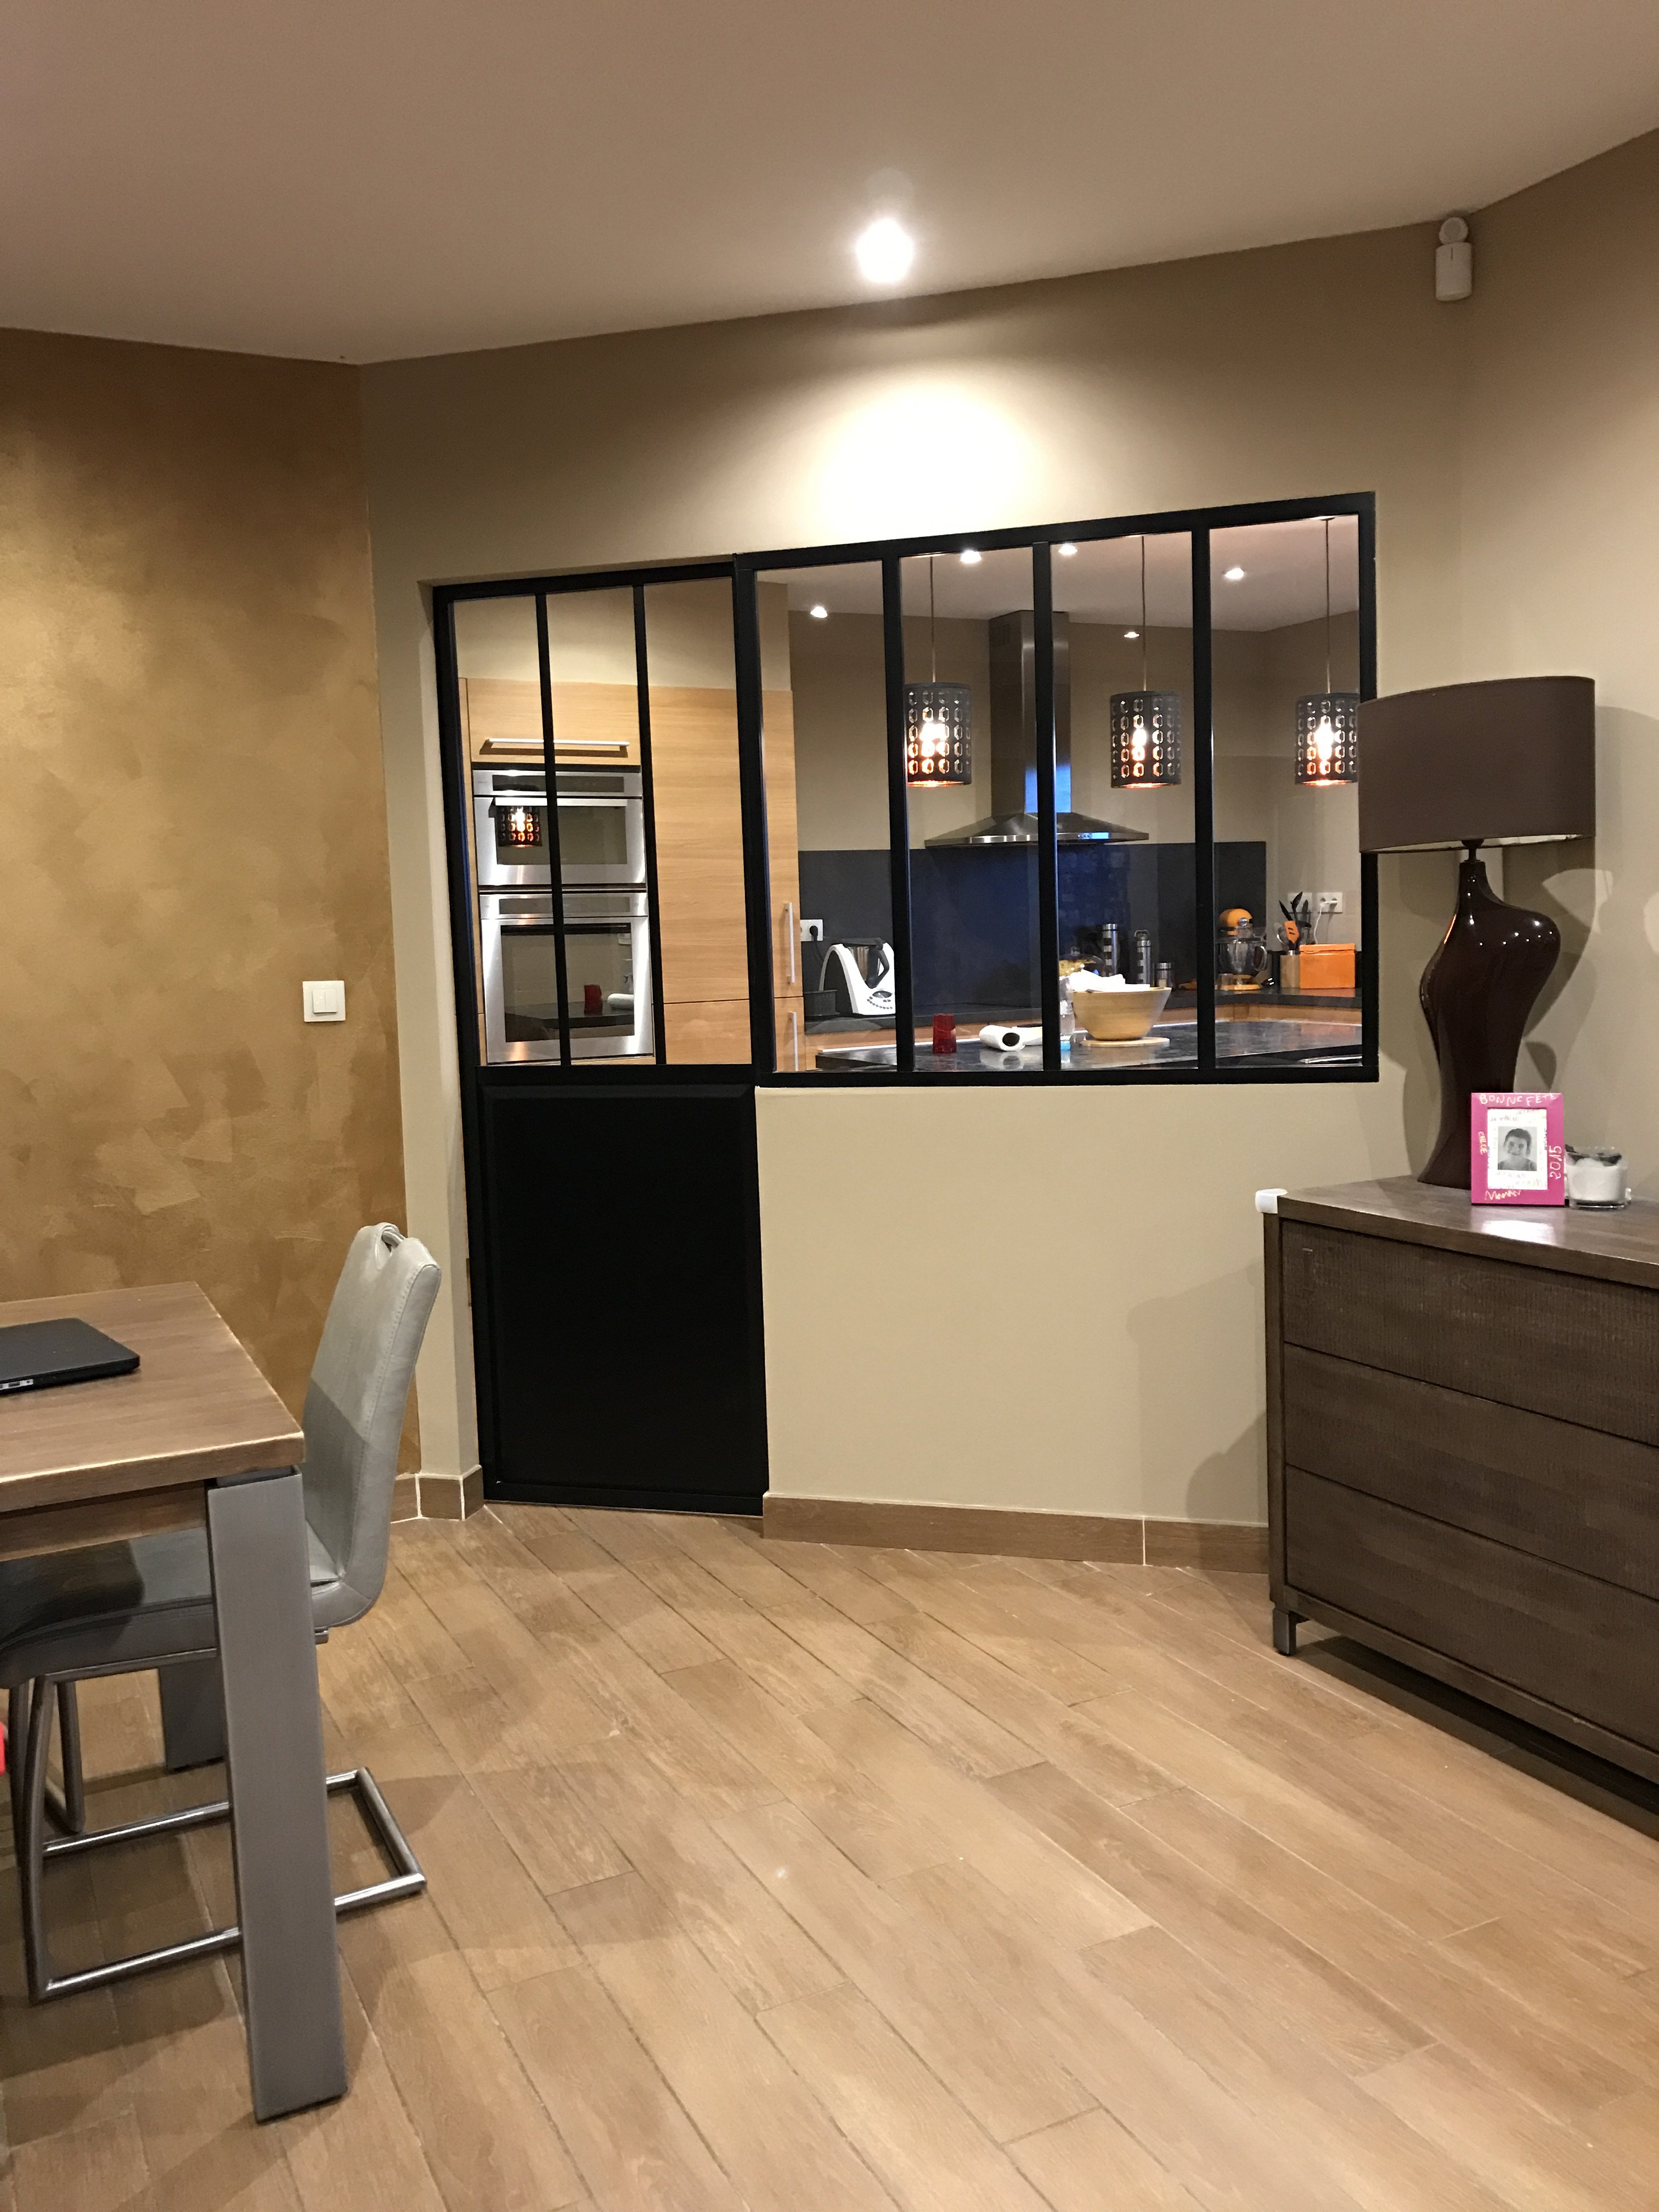 poids plaque de placo awesome plaque de pltre placo phonique ba x m p mm placo pltre isolation. Black Bedroom Furniture Sets. Home Design Ideas